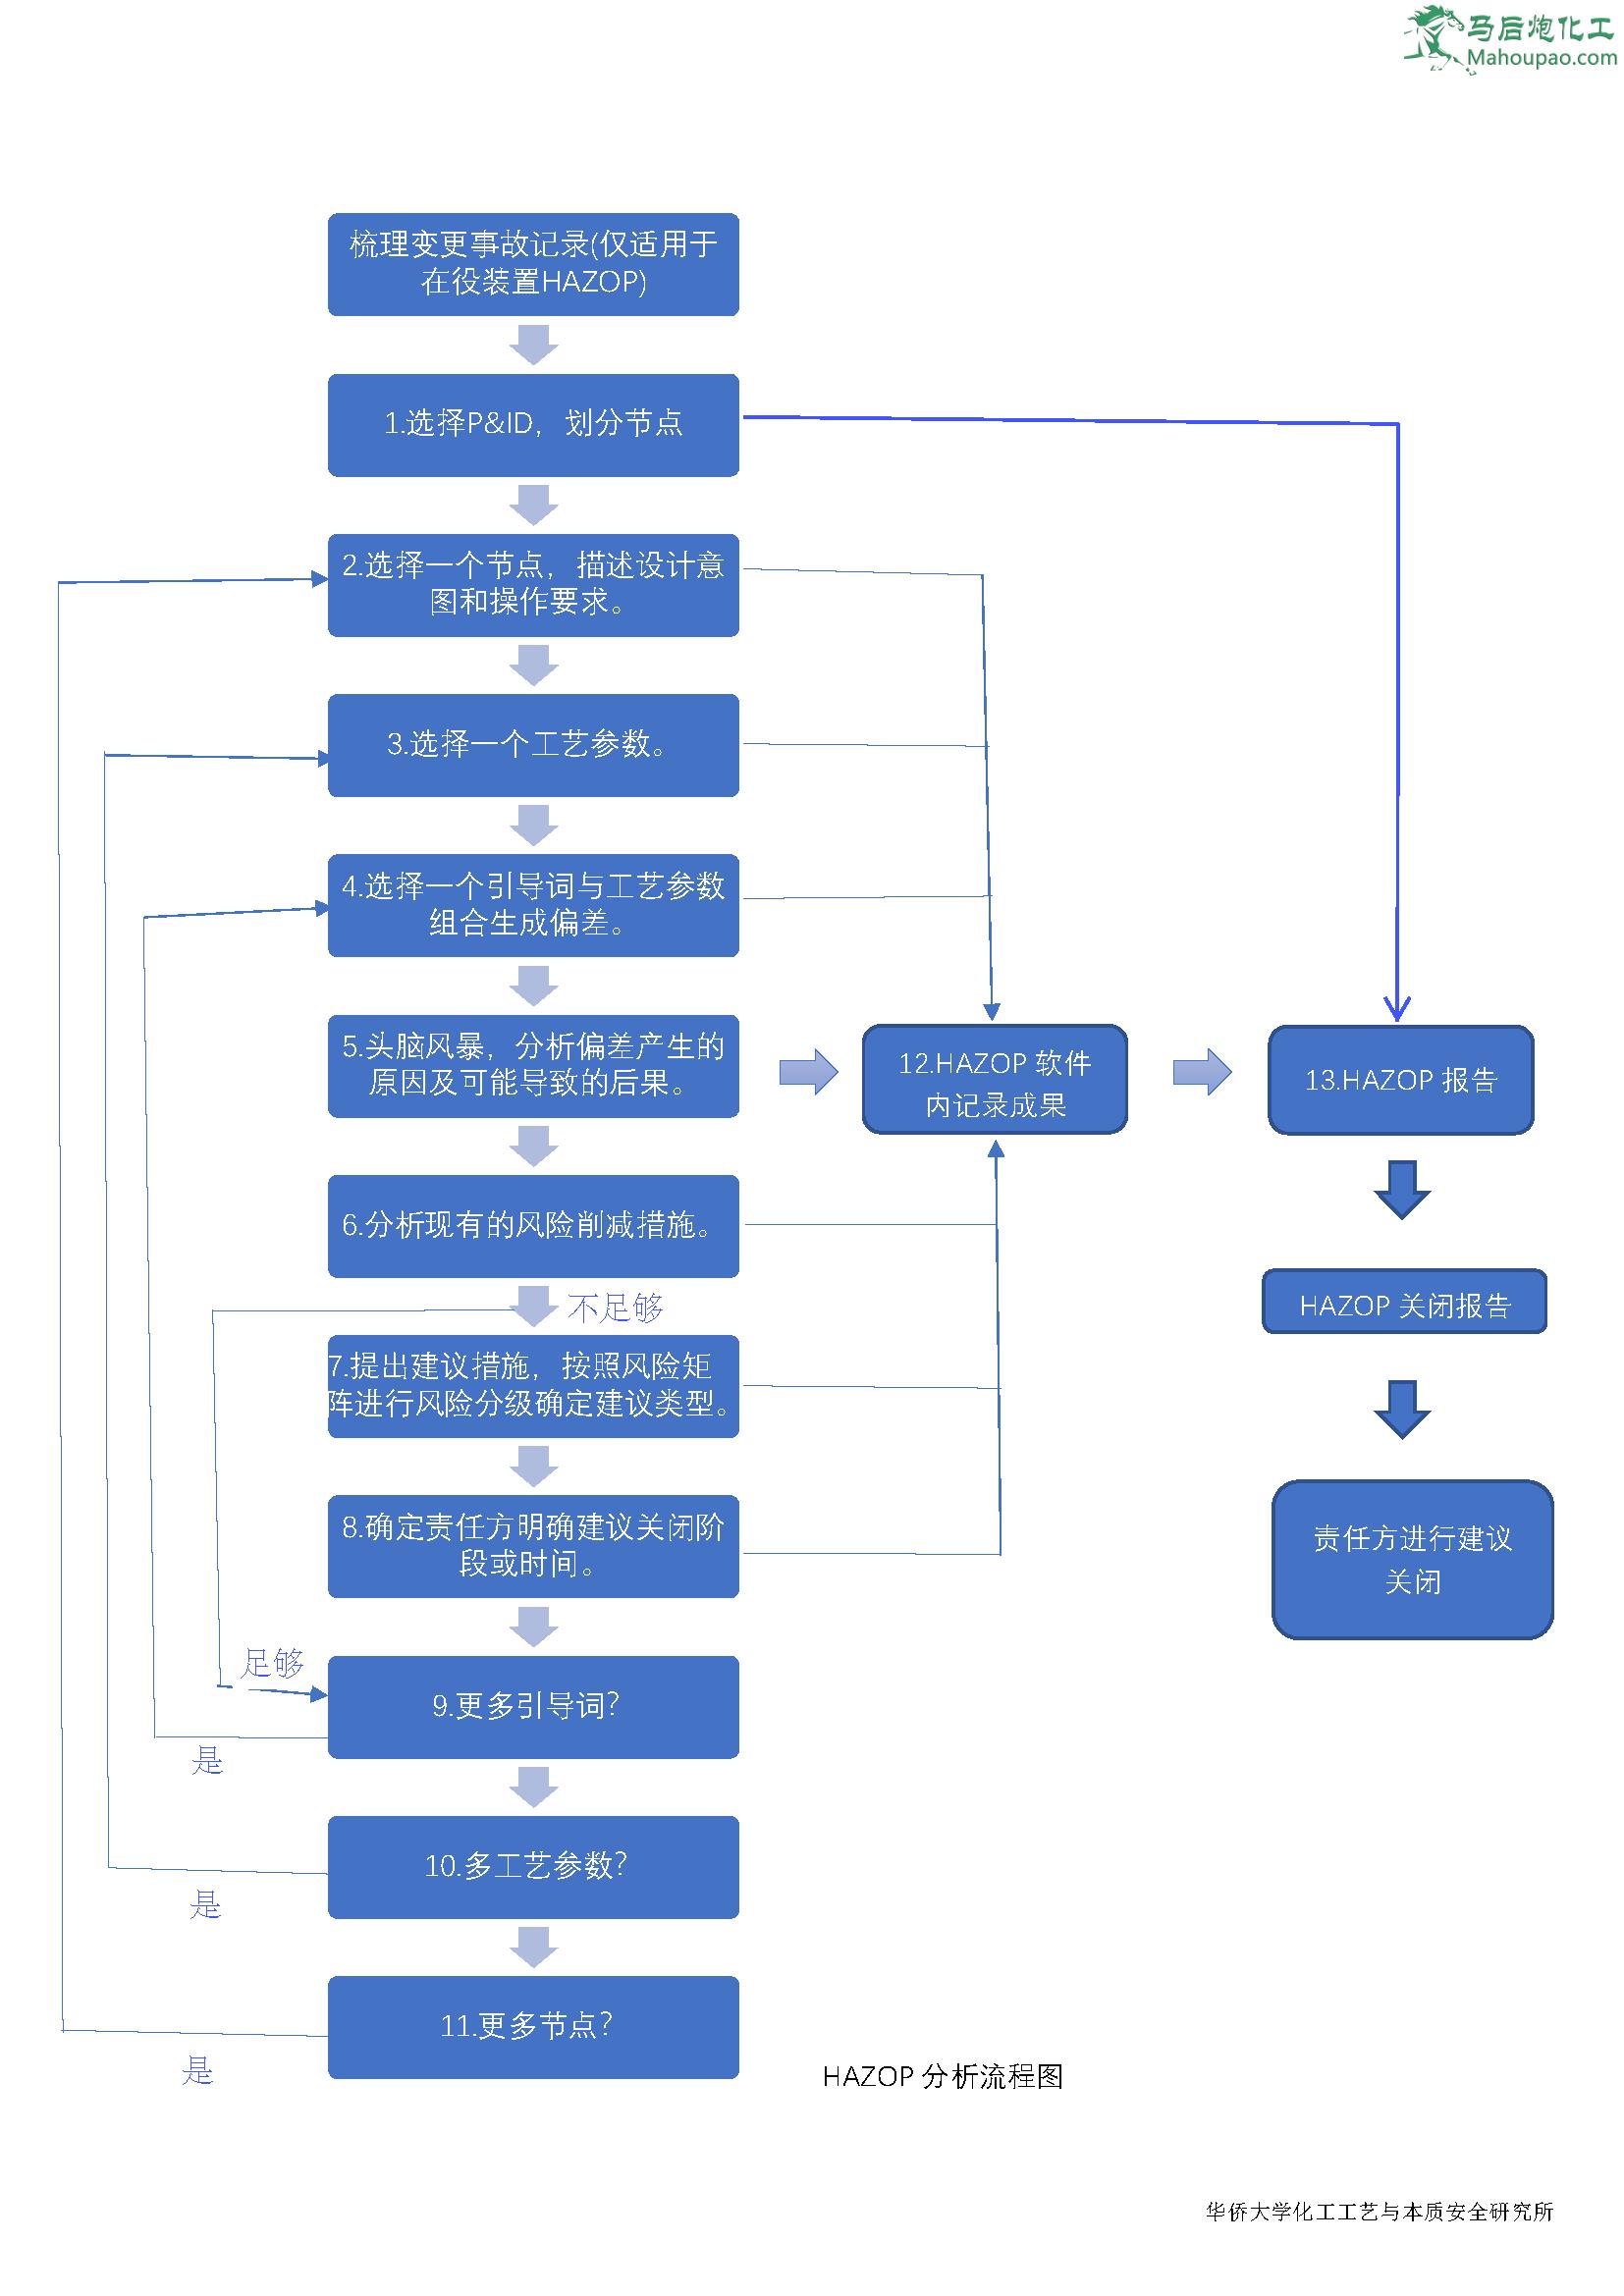 马后炮化工-让天下没有难学的化工技术-HAZOP分析流程图.png